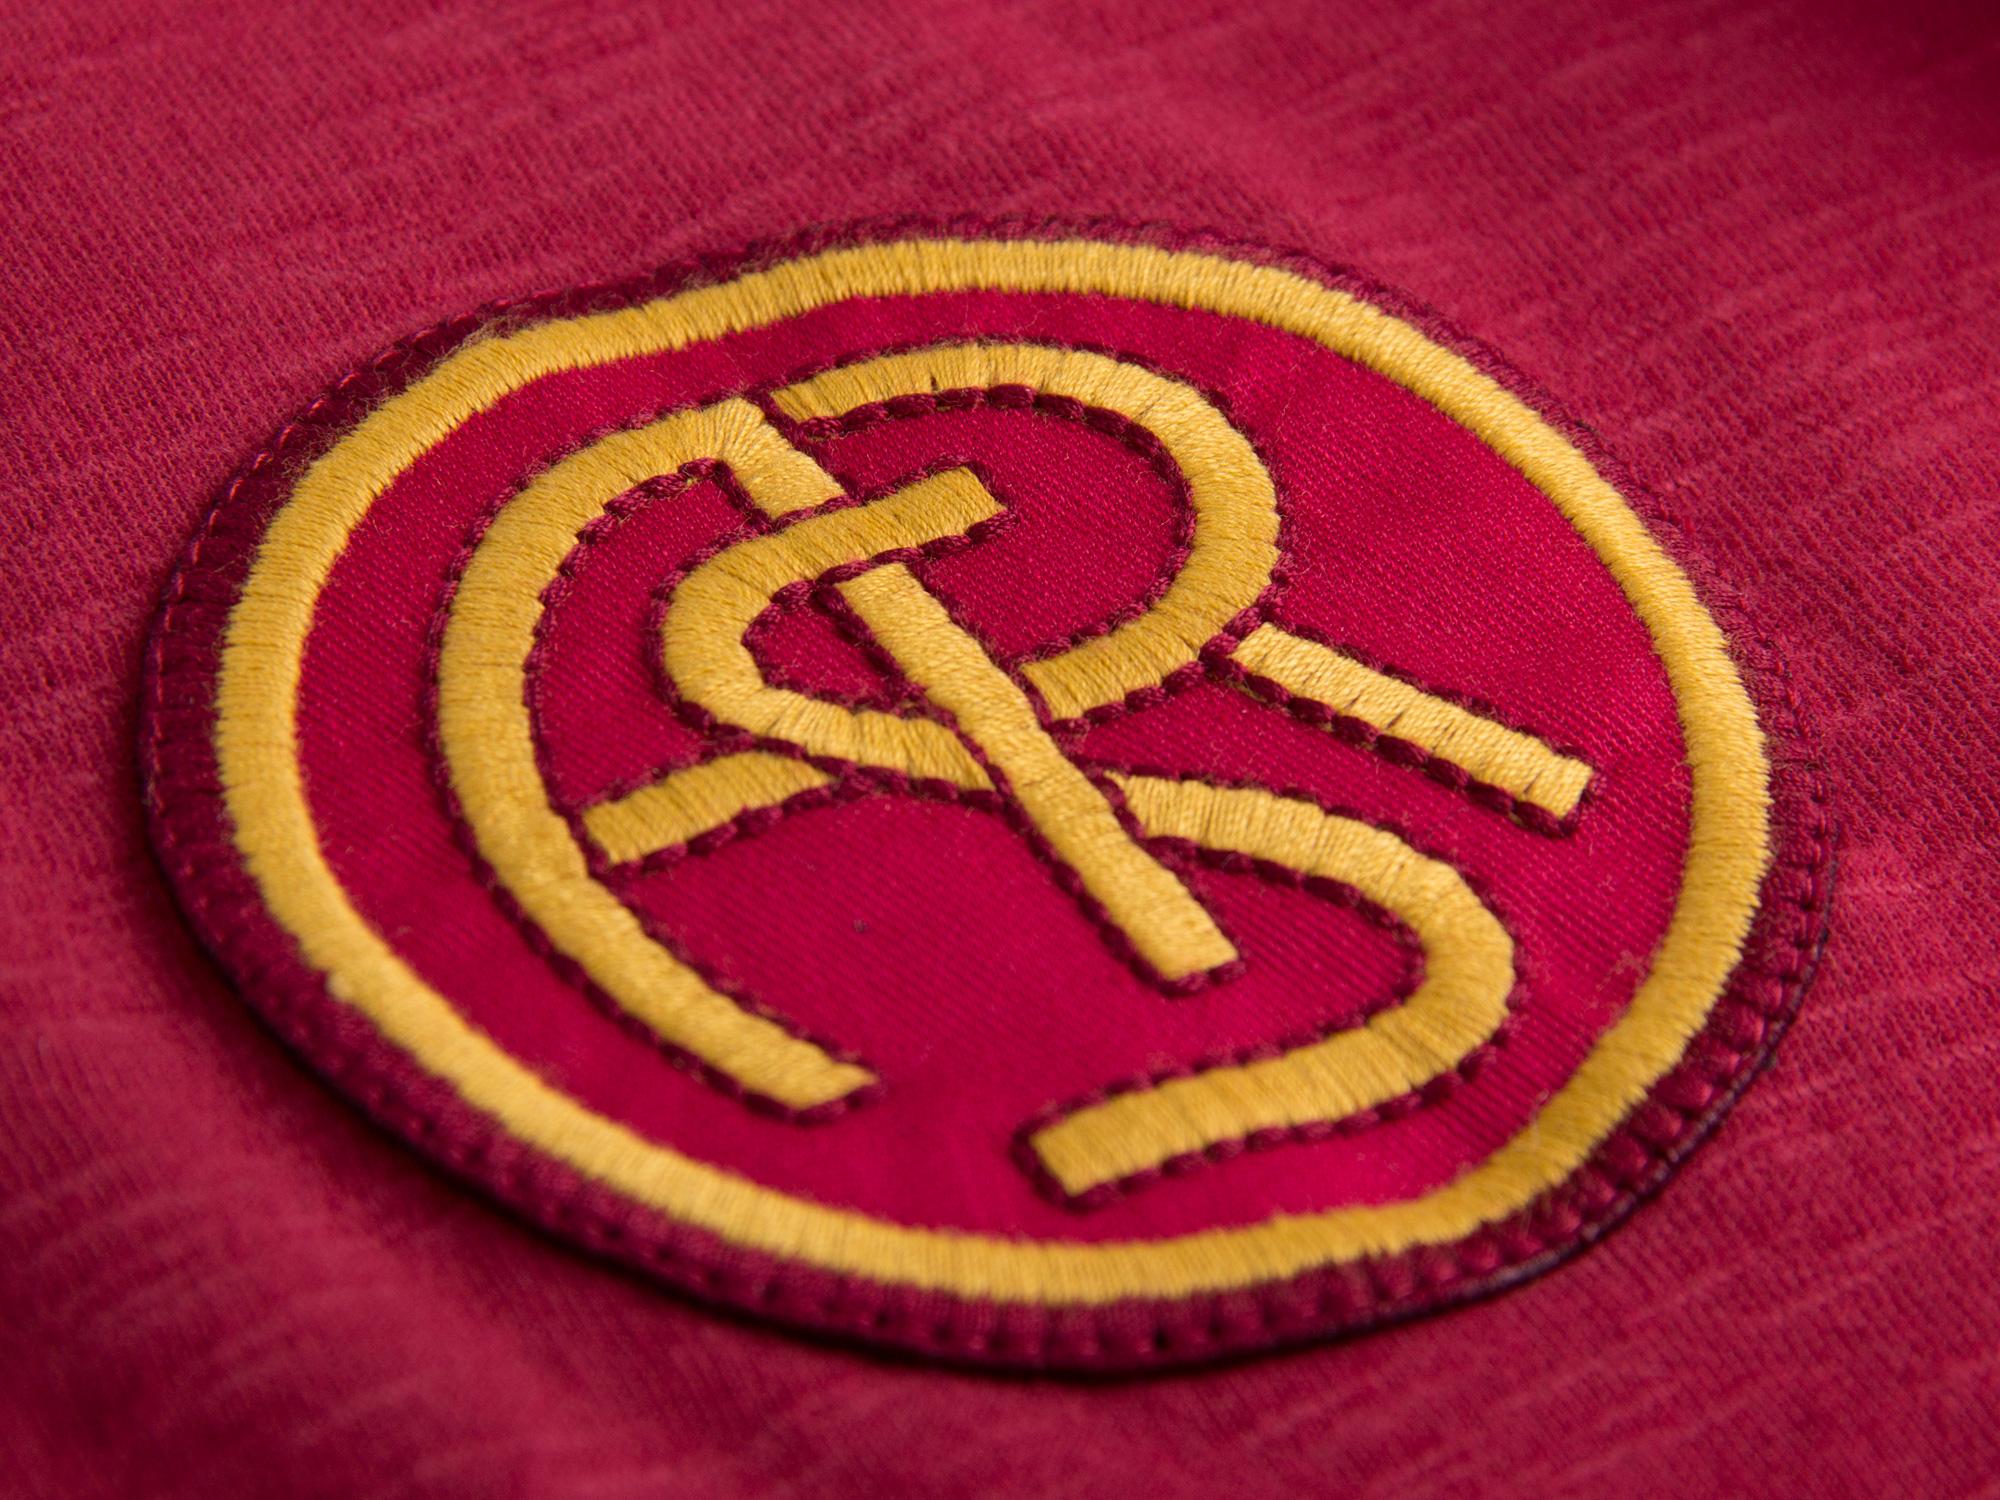 copa-as-roma-retro-collection-1